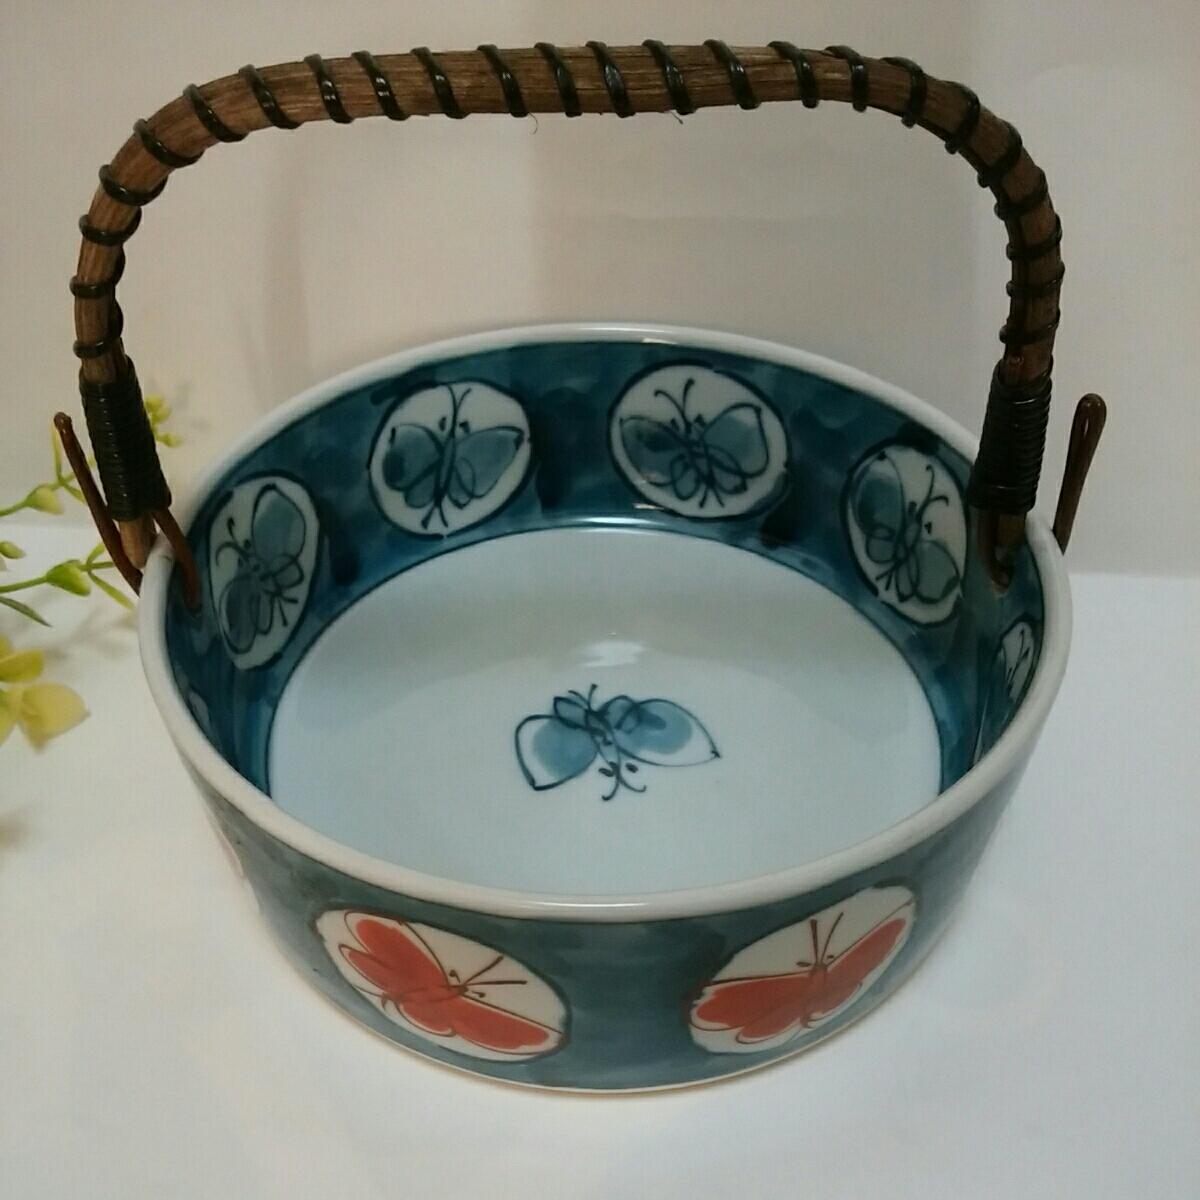 源右衛門 蝶々の蔓の手付き鉢 中古美品_画像2